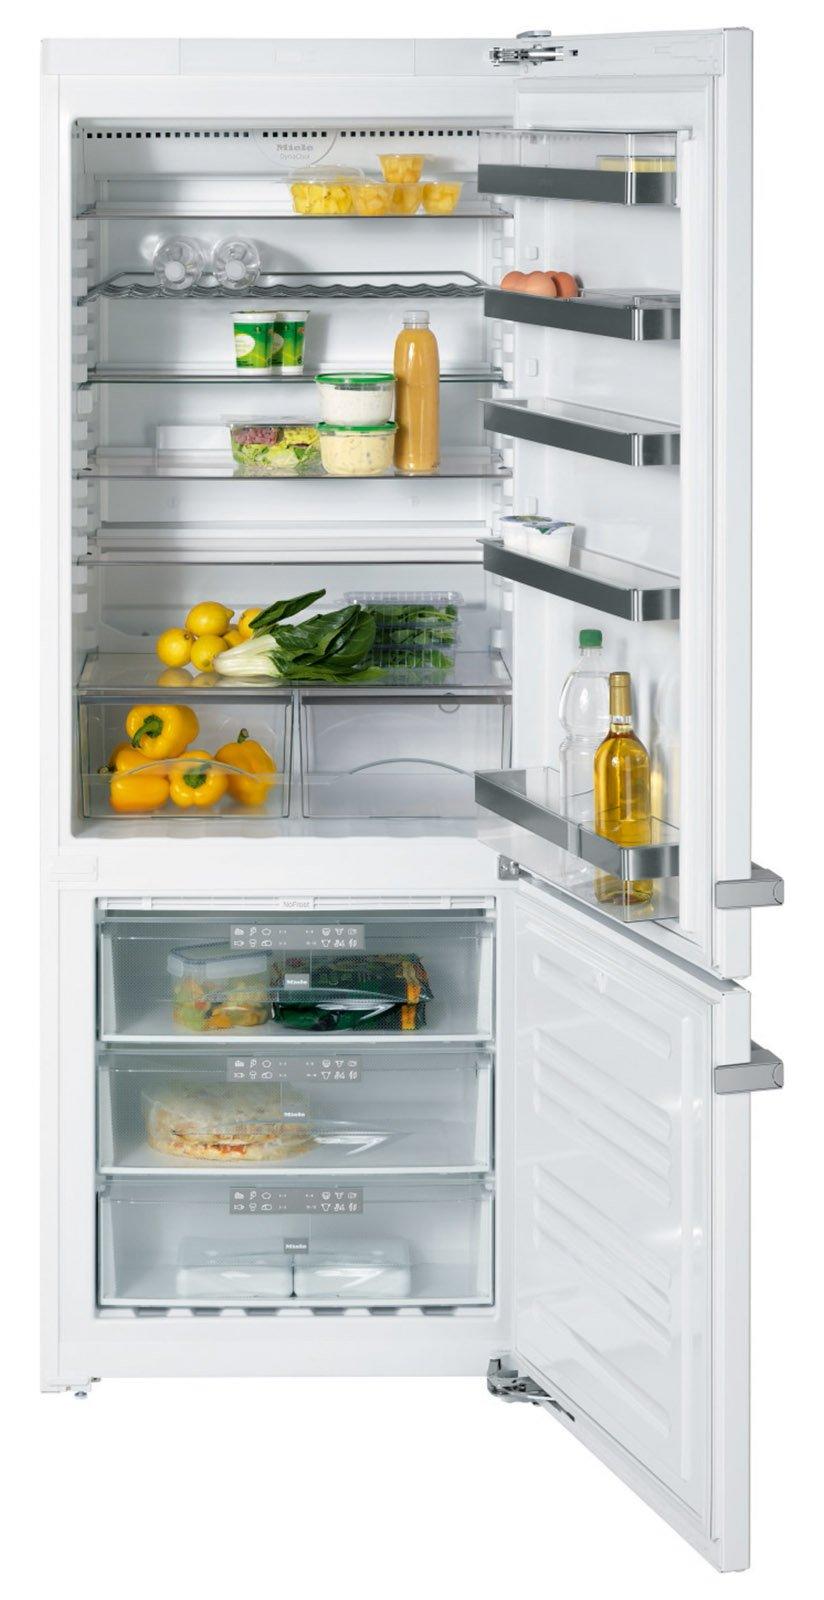 Come Pulire Un Frigorifero Usato frigoriferi che non si sbrinano: con la tecnologia no-frost